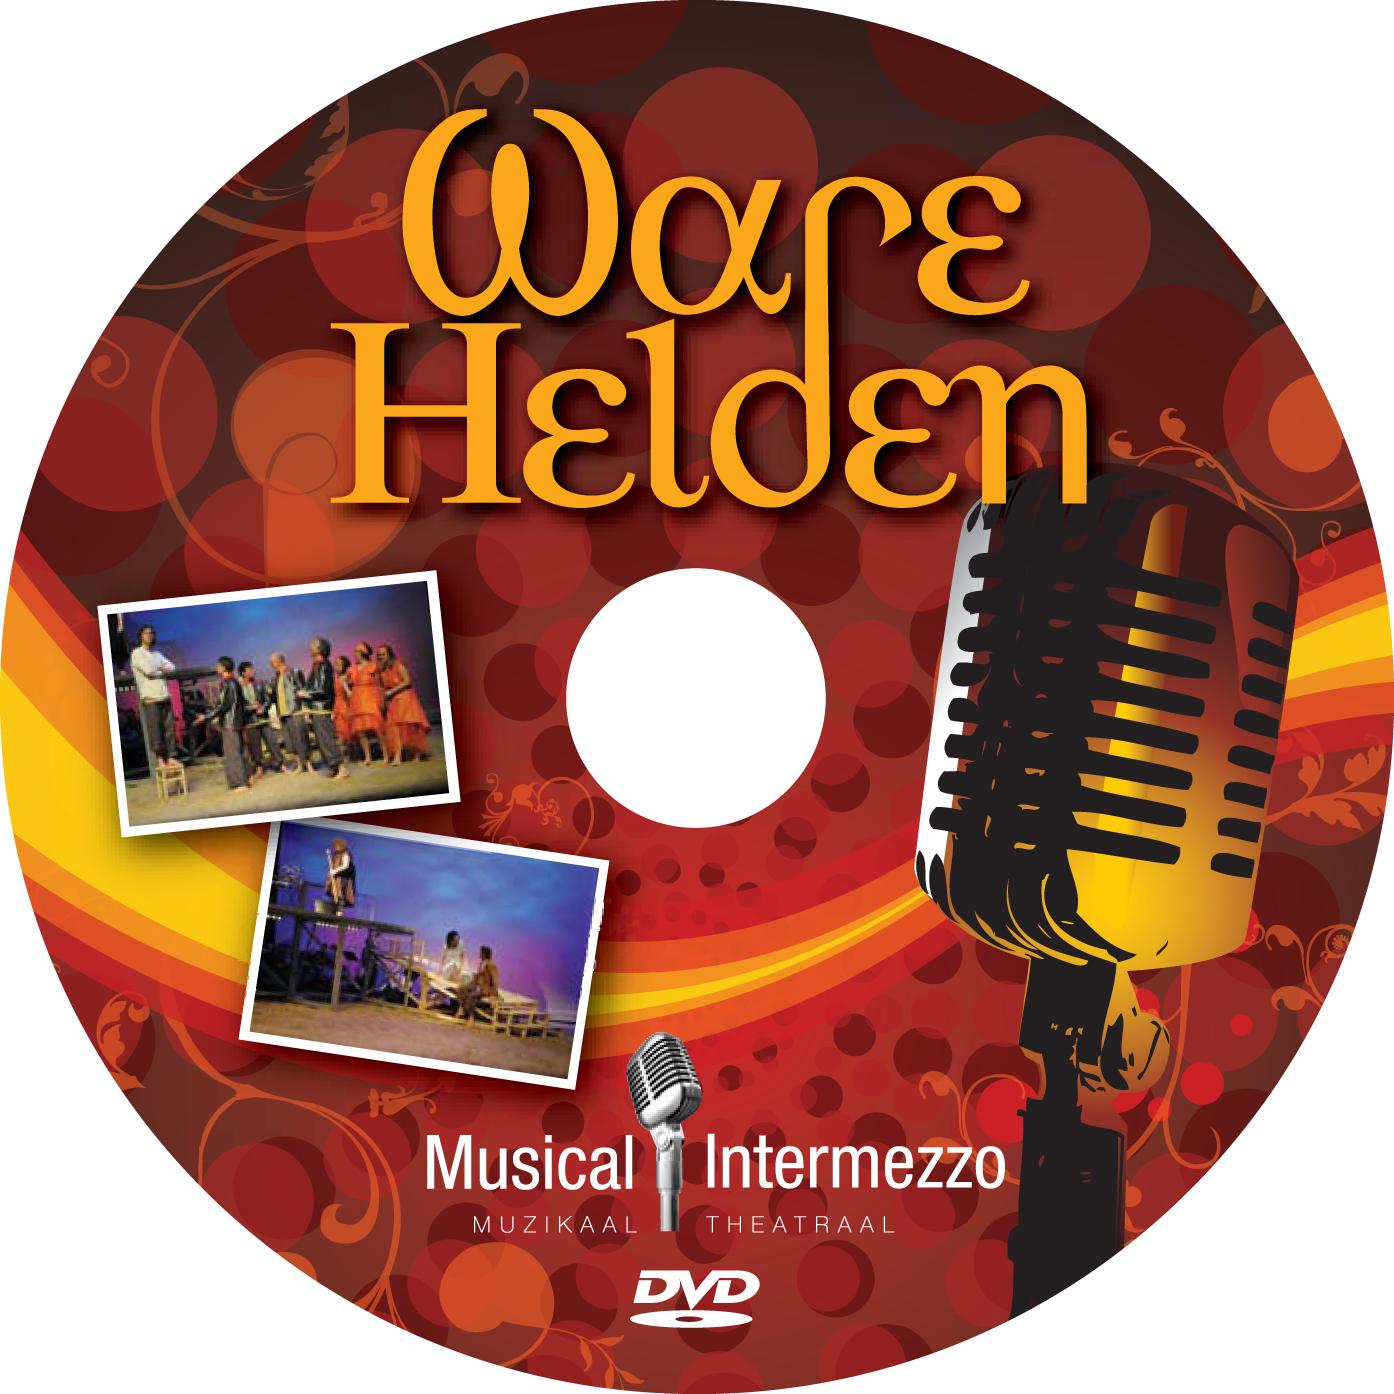 dvd-bedrukking-mi-ware-helden